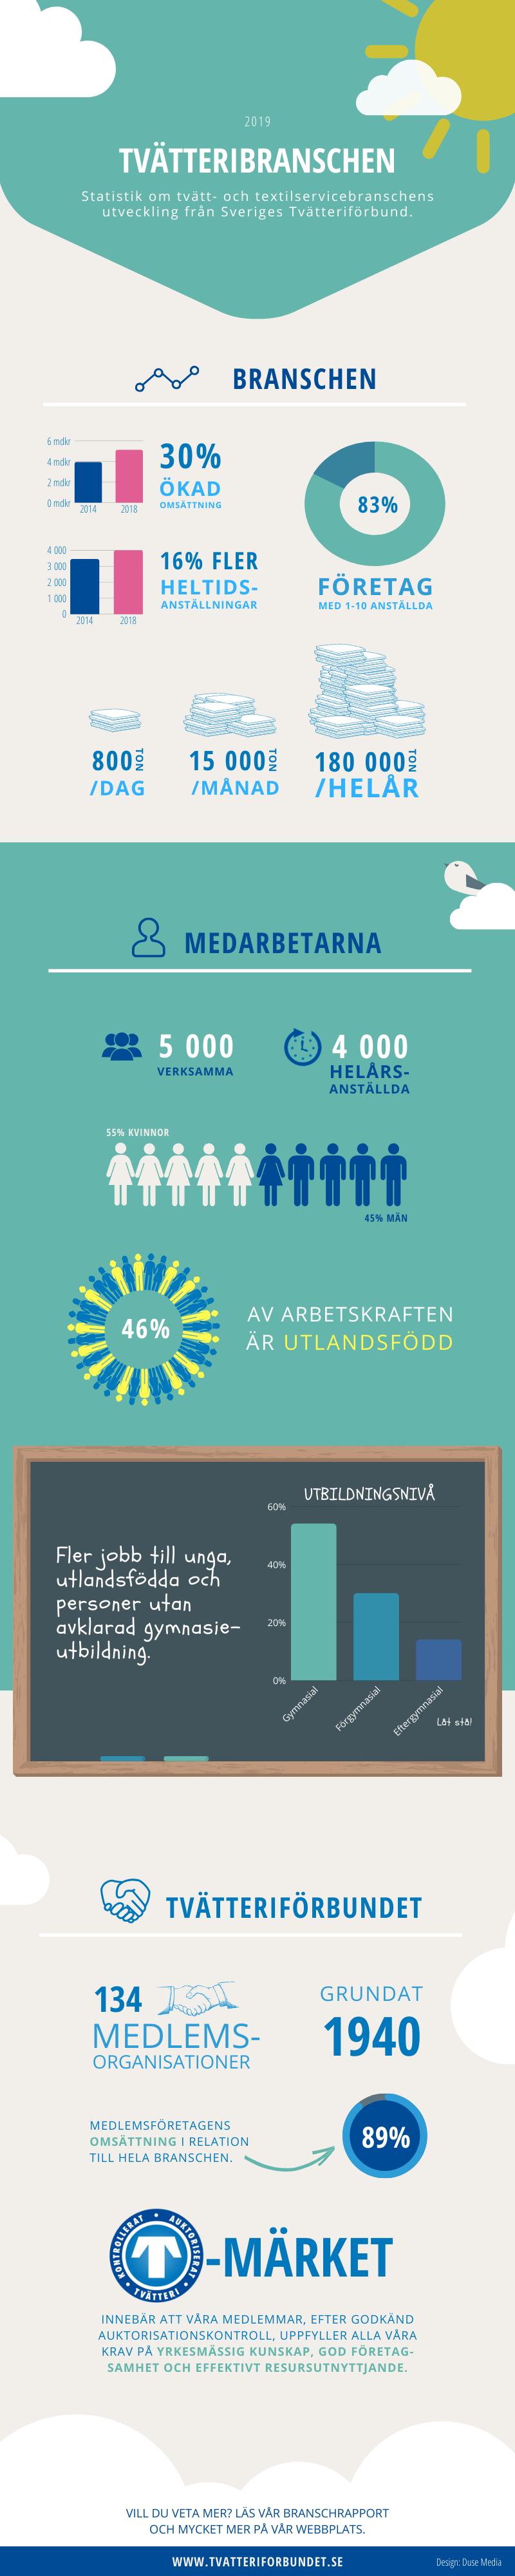 Infographic: Branschrapport 2018 – Sveriges Tvätteriförbund